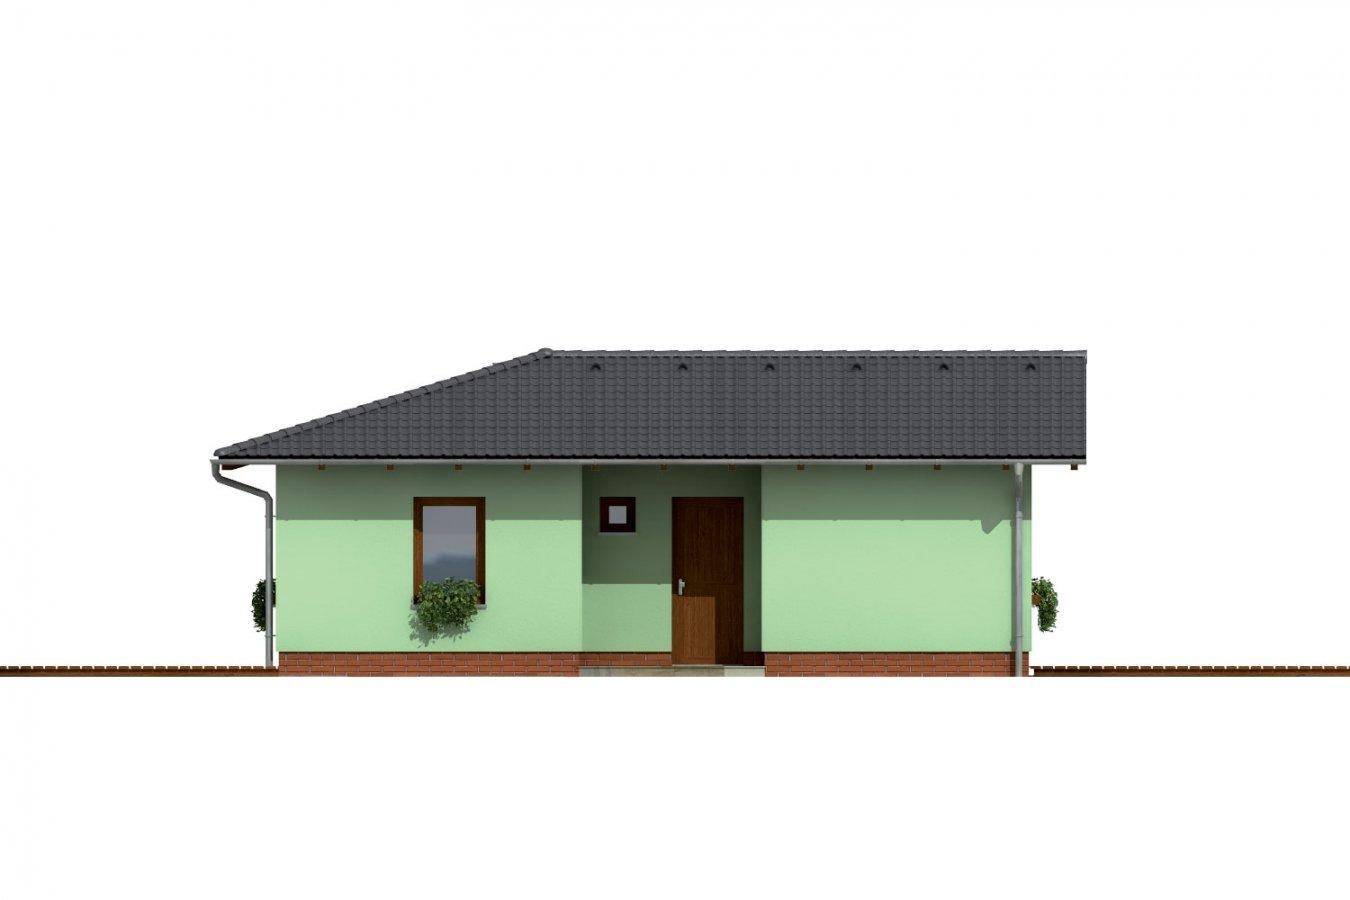 Pohľad 1. - Dom do L so sedlovou strechou